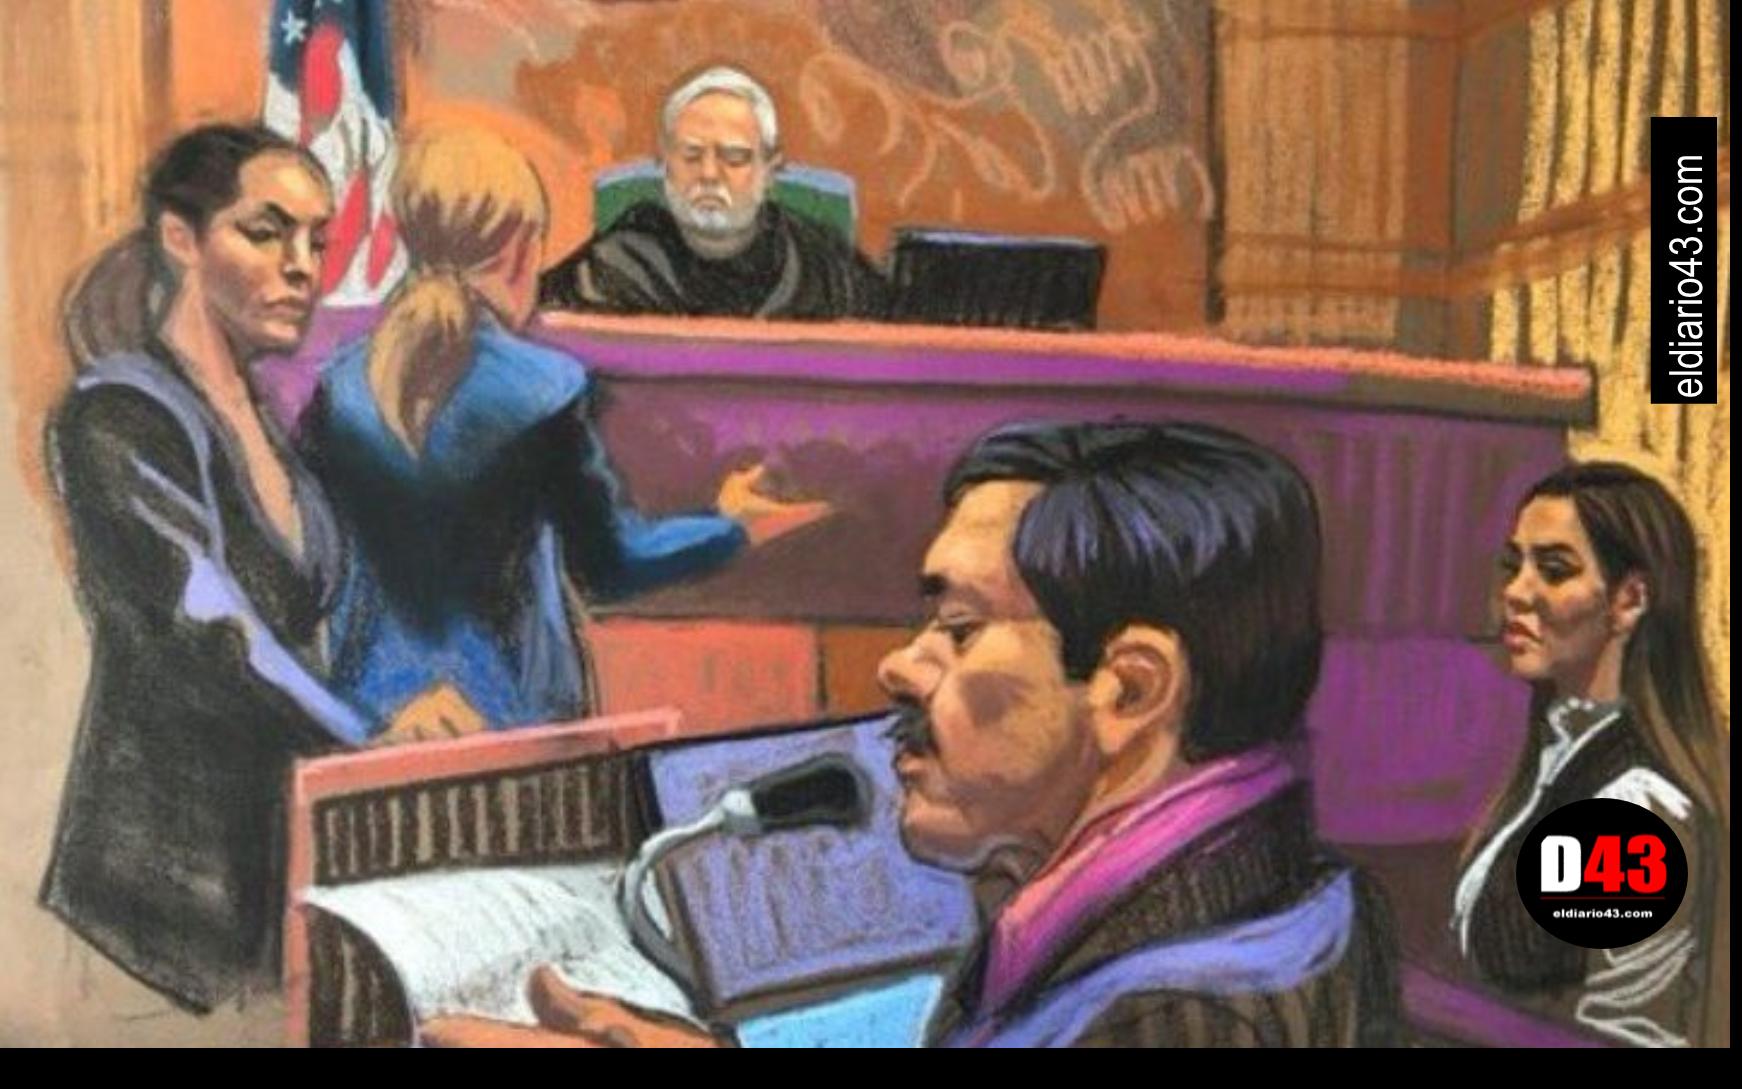 El Chapo es condenado a cadena perpetua en EU; no se hizo justicia, dijo Guzmán Loera